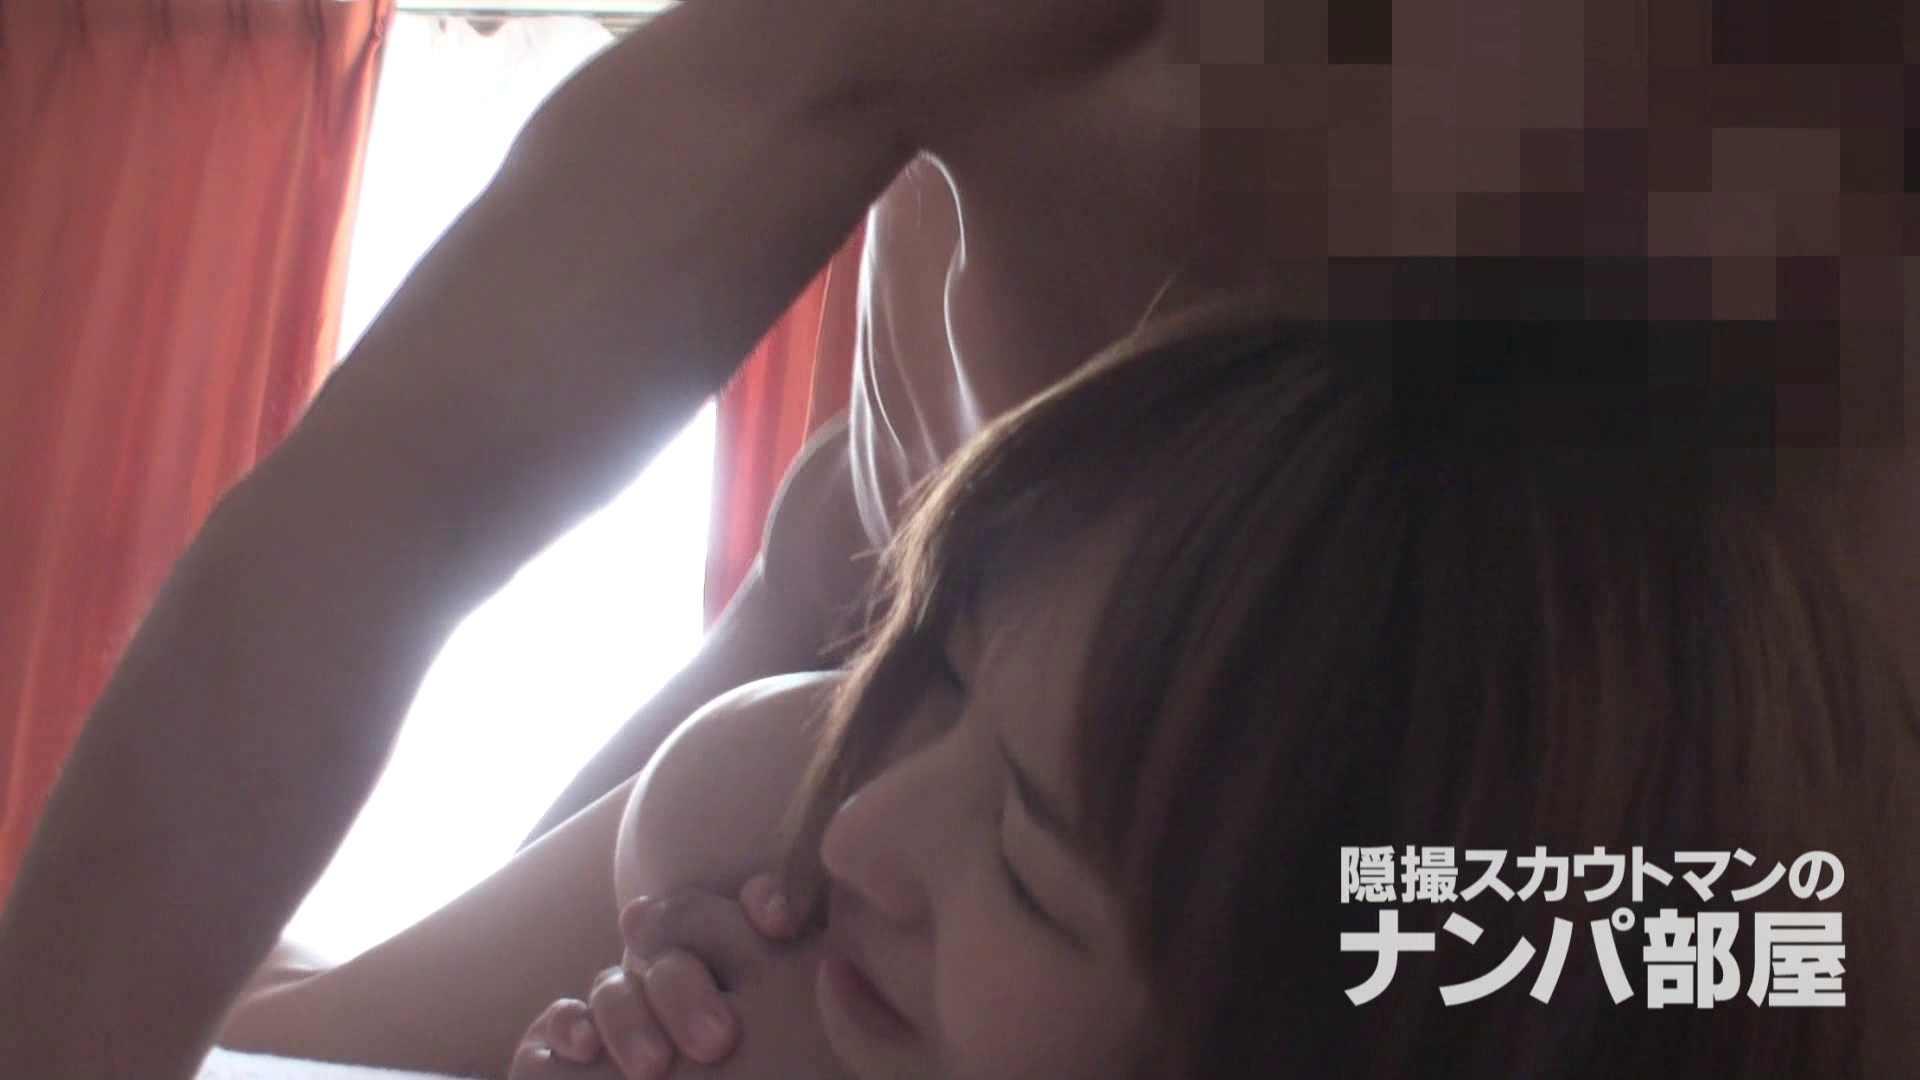 隠撮スカウトマンのナンパ部屋~風俗デビュー前のつまみ食い~ siivol.4 SEX 女性器鑑賞 91pic 78